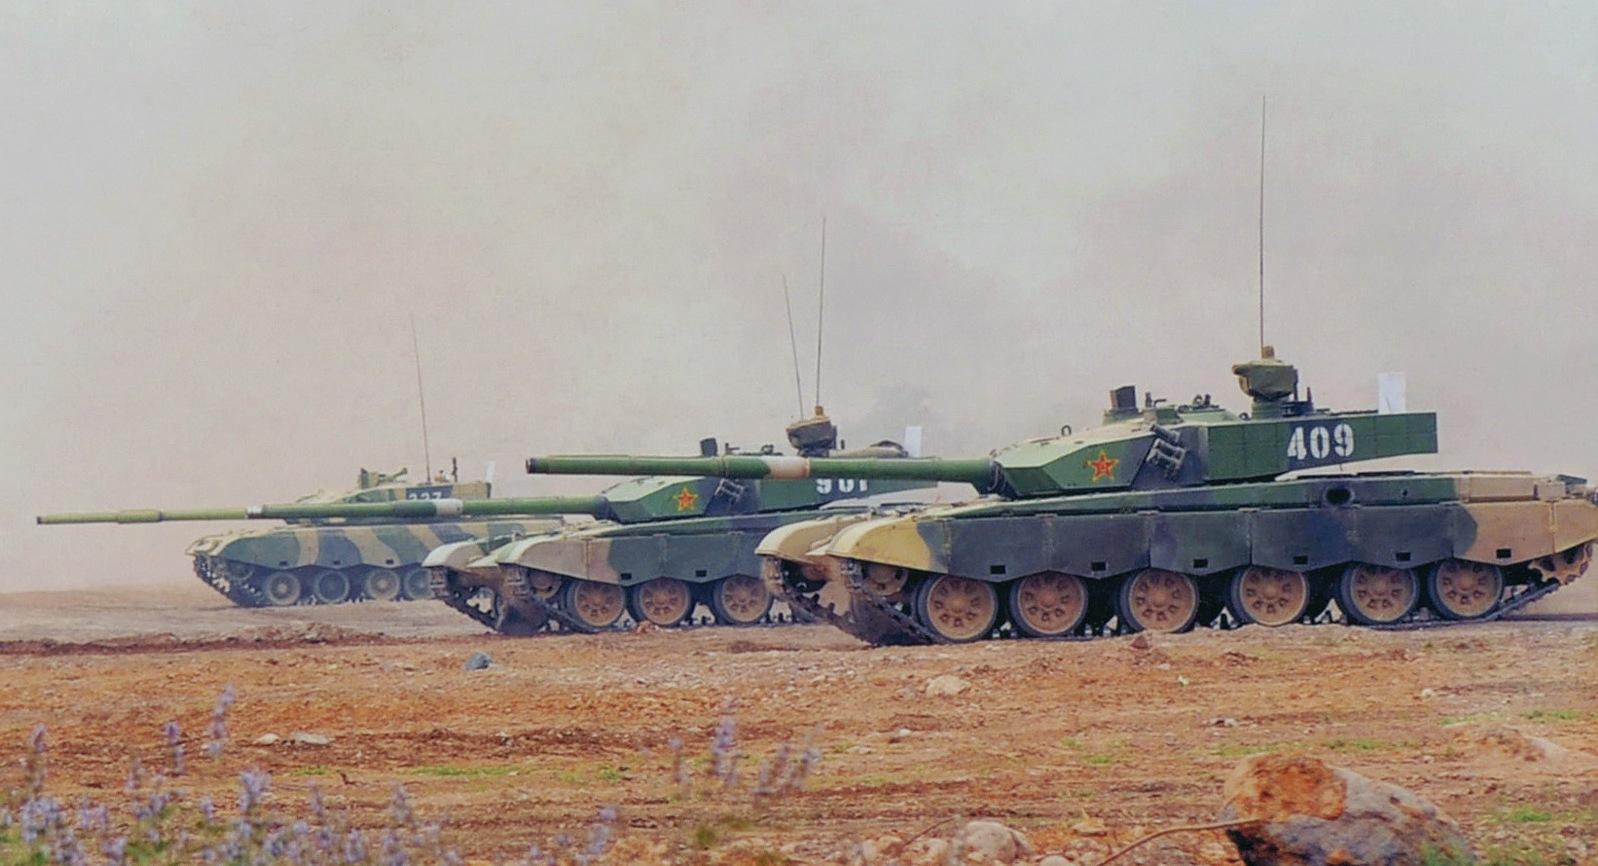 http://3.bp.blogspot.com/-cYQ7NsVw5Ek/To1XXG8R8fI/AAAAAAAACmQ/wKl7EHXAWSc/s1600/ZTZ99ZTZ99AZTZ99A2WZ123+Main+Battle+Tank+%25285%2529.jpg